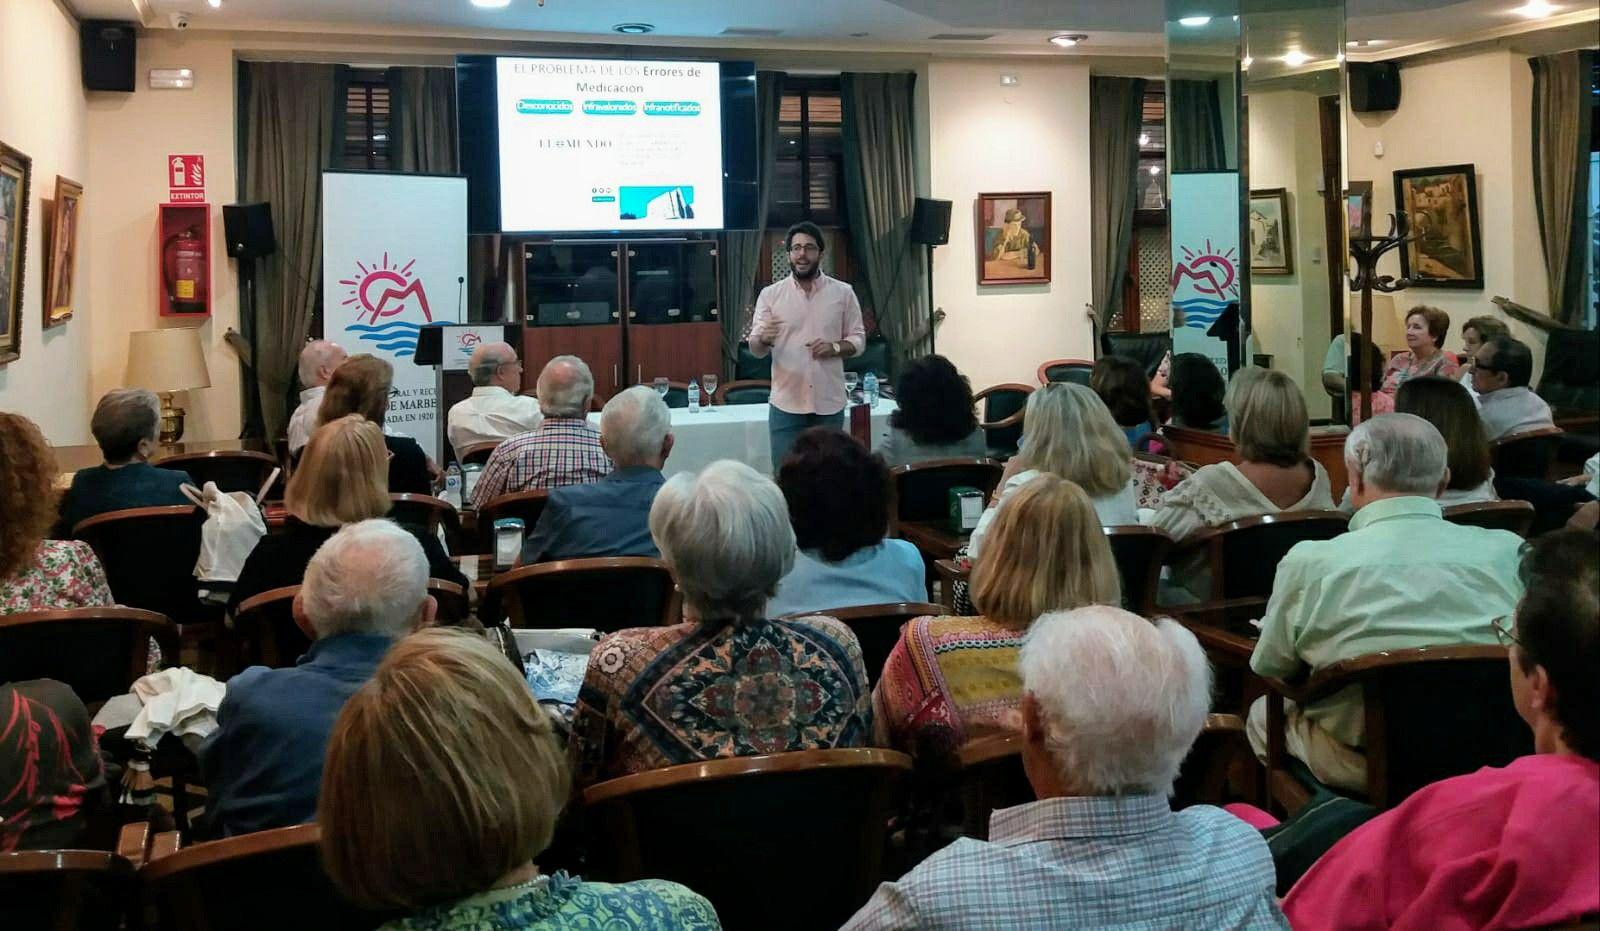 El Hospital Costa del Sol informa sobre los errores de medicación y su prevención